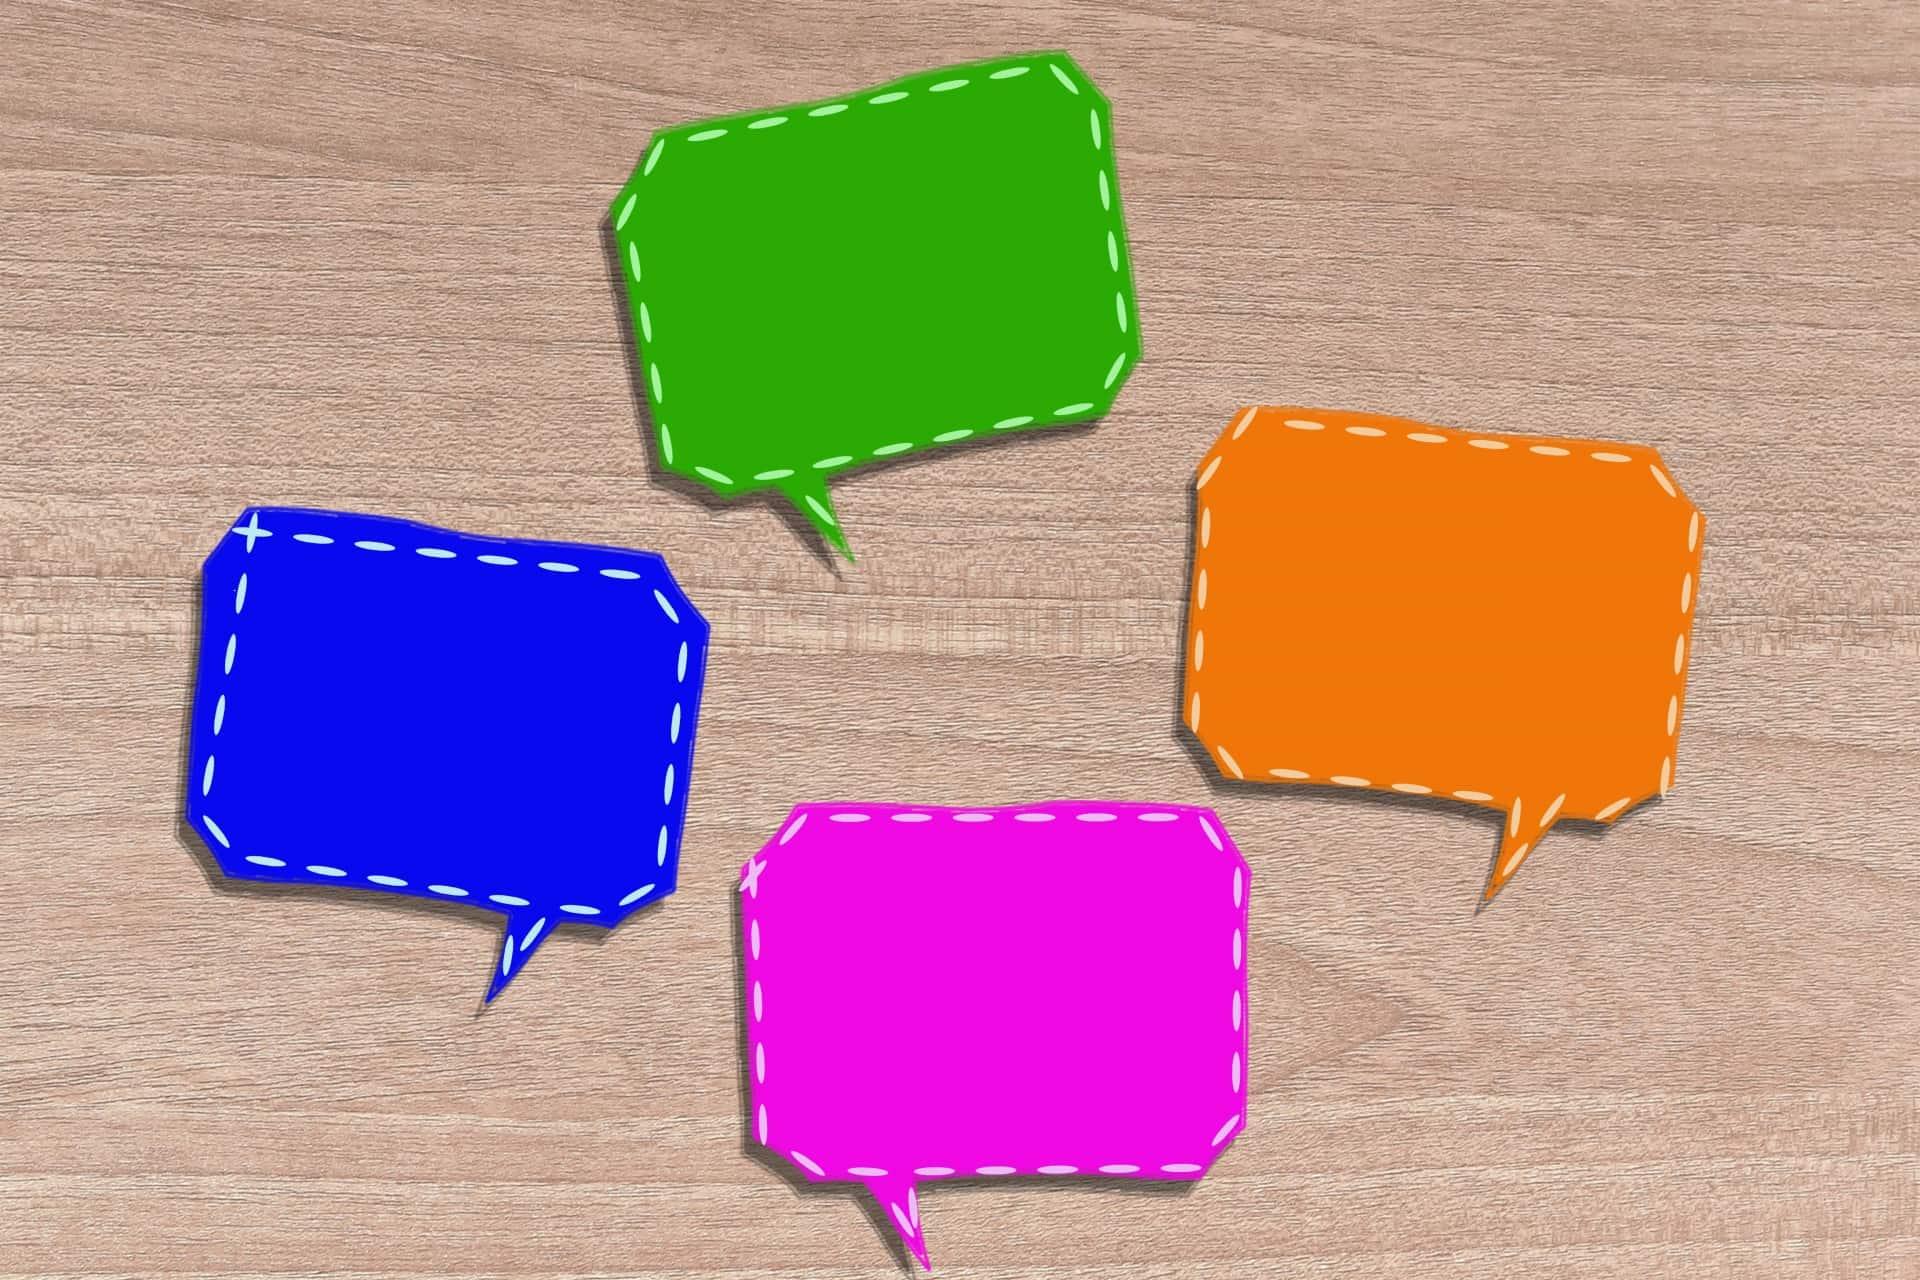 【就活生向け】座右の銘を面接で聞かれたら?おすすめの言葉や例文も紹介